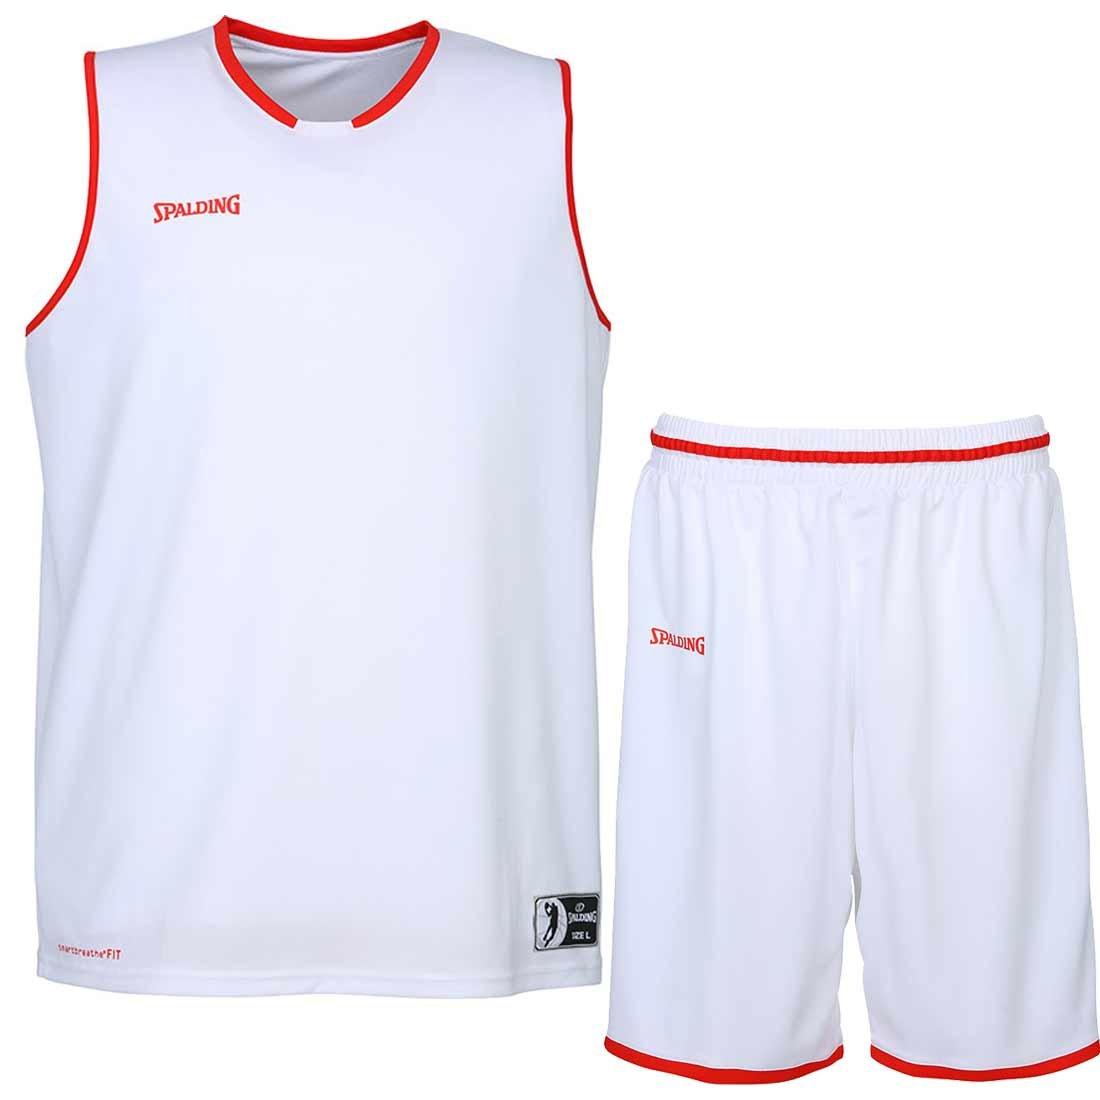 Spalding Baloncesto Combo Set Camiseta Move Camiseta + Pantalones Cortos verschied. Colores, Blanco/Rojo: Amazon.es: Deportes y aire libre